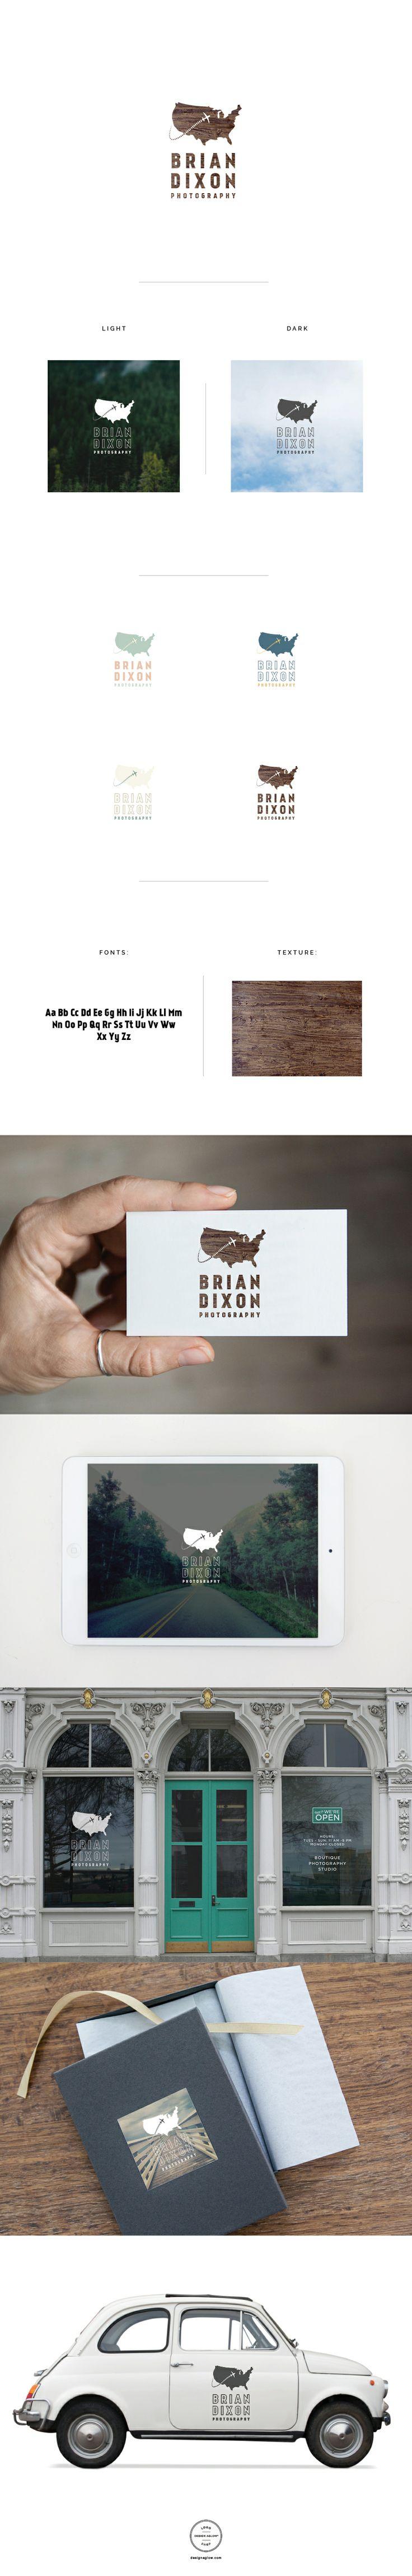 Brian Dixon #photographerlogo #instantlogo #logoshop #greatlogos #branding #photoshoptemplates #prophotography #logo